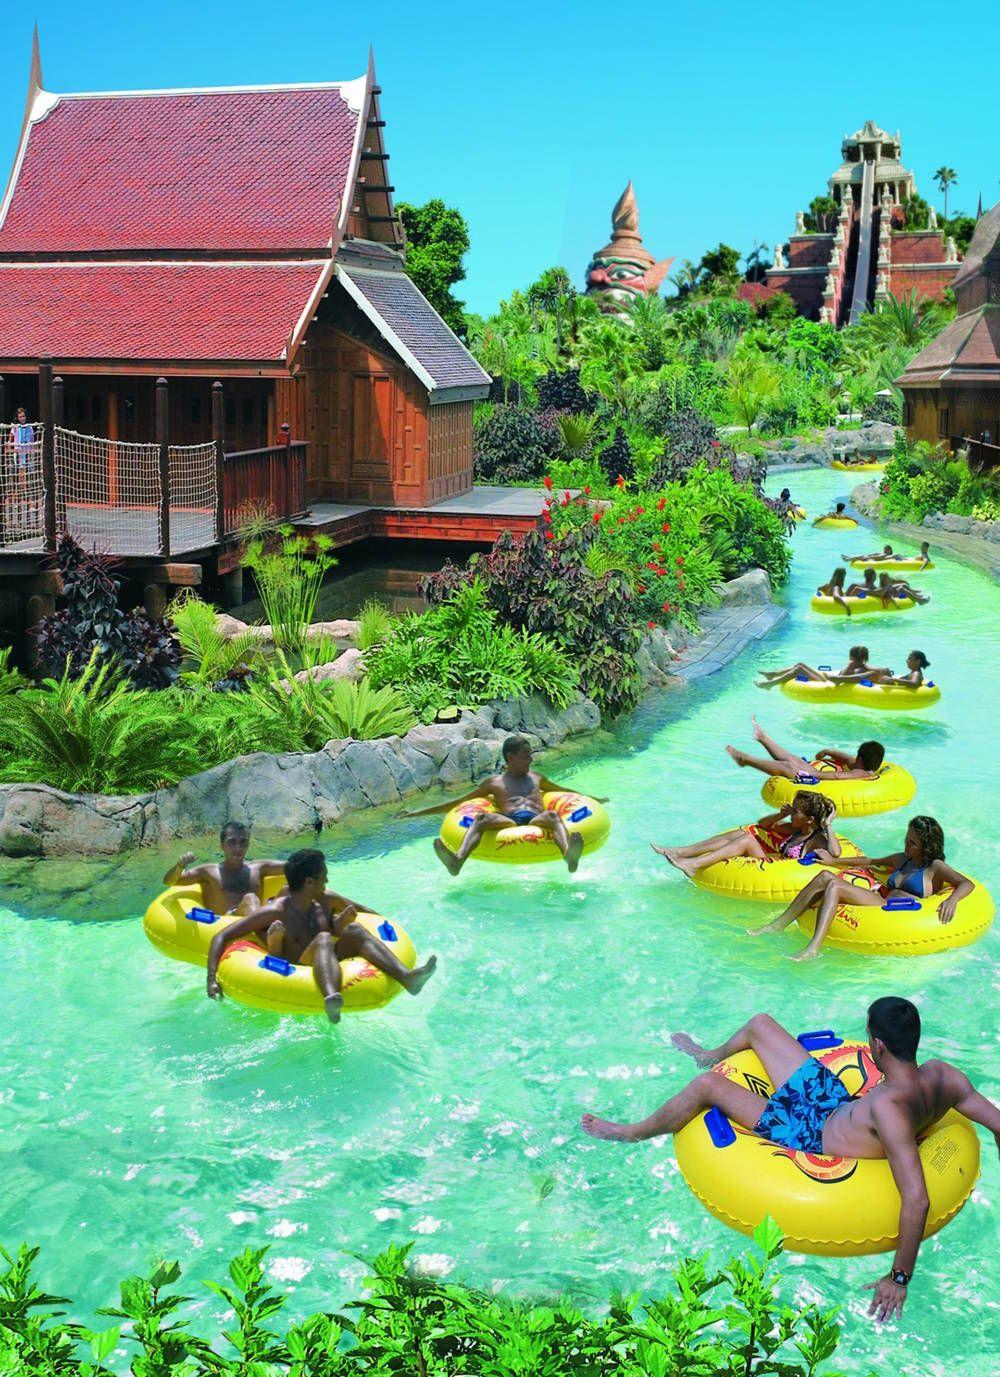 Wie viele der 25 besten Wasser-Funparks in Europa hast du schon besucht?